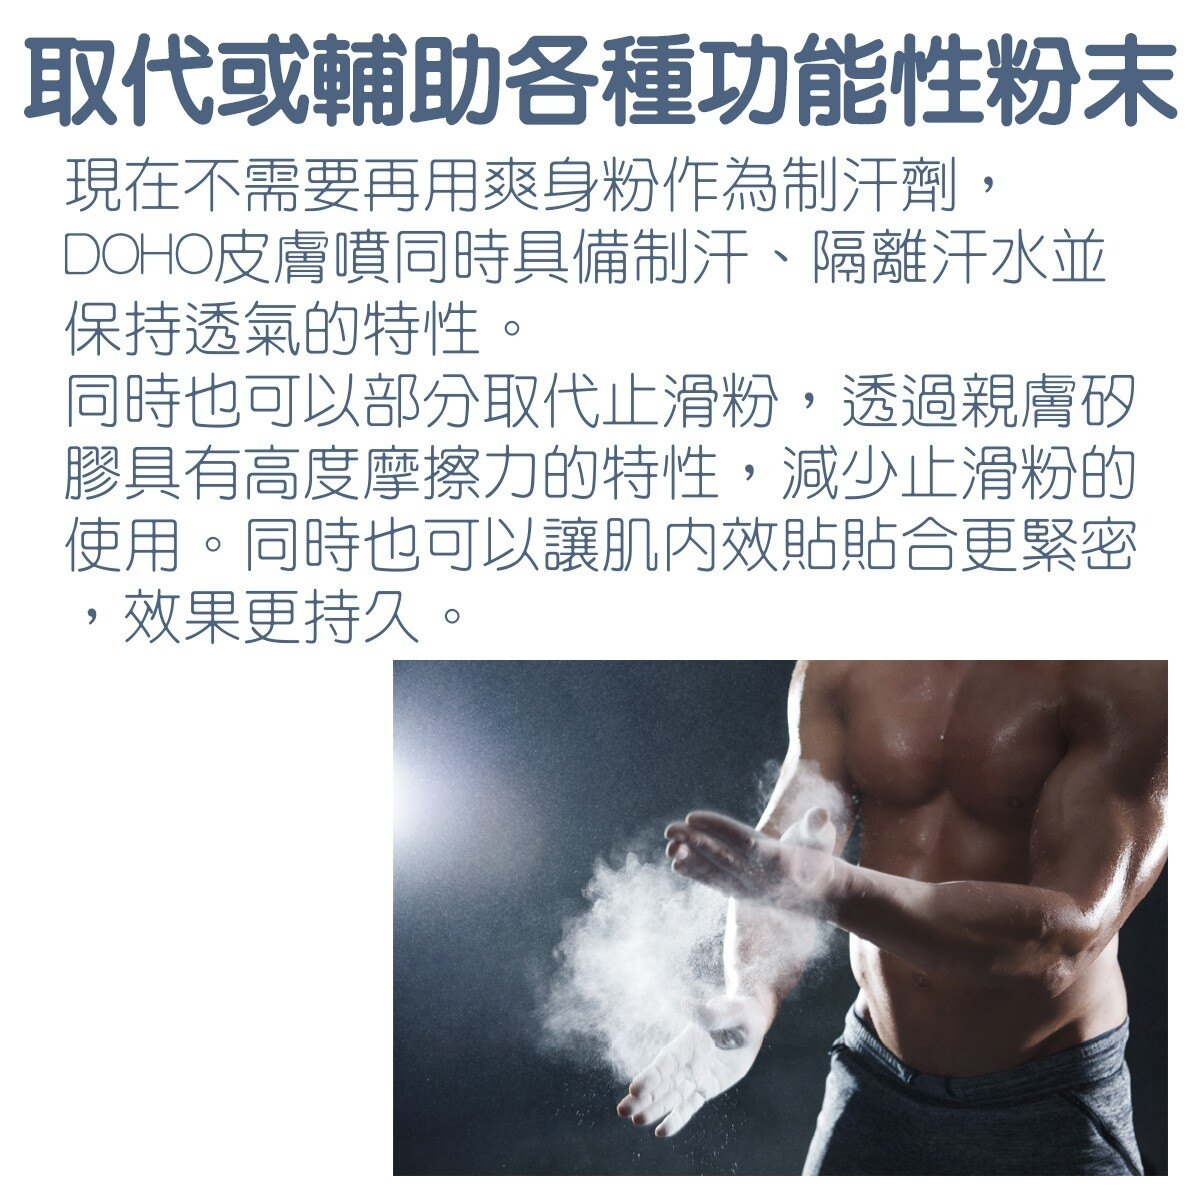 【DOHO】 抓得住運動皮膚噴霧 運動防護 止滑粉 健身 制汗 肌內效貼 防磨貼 握把布